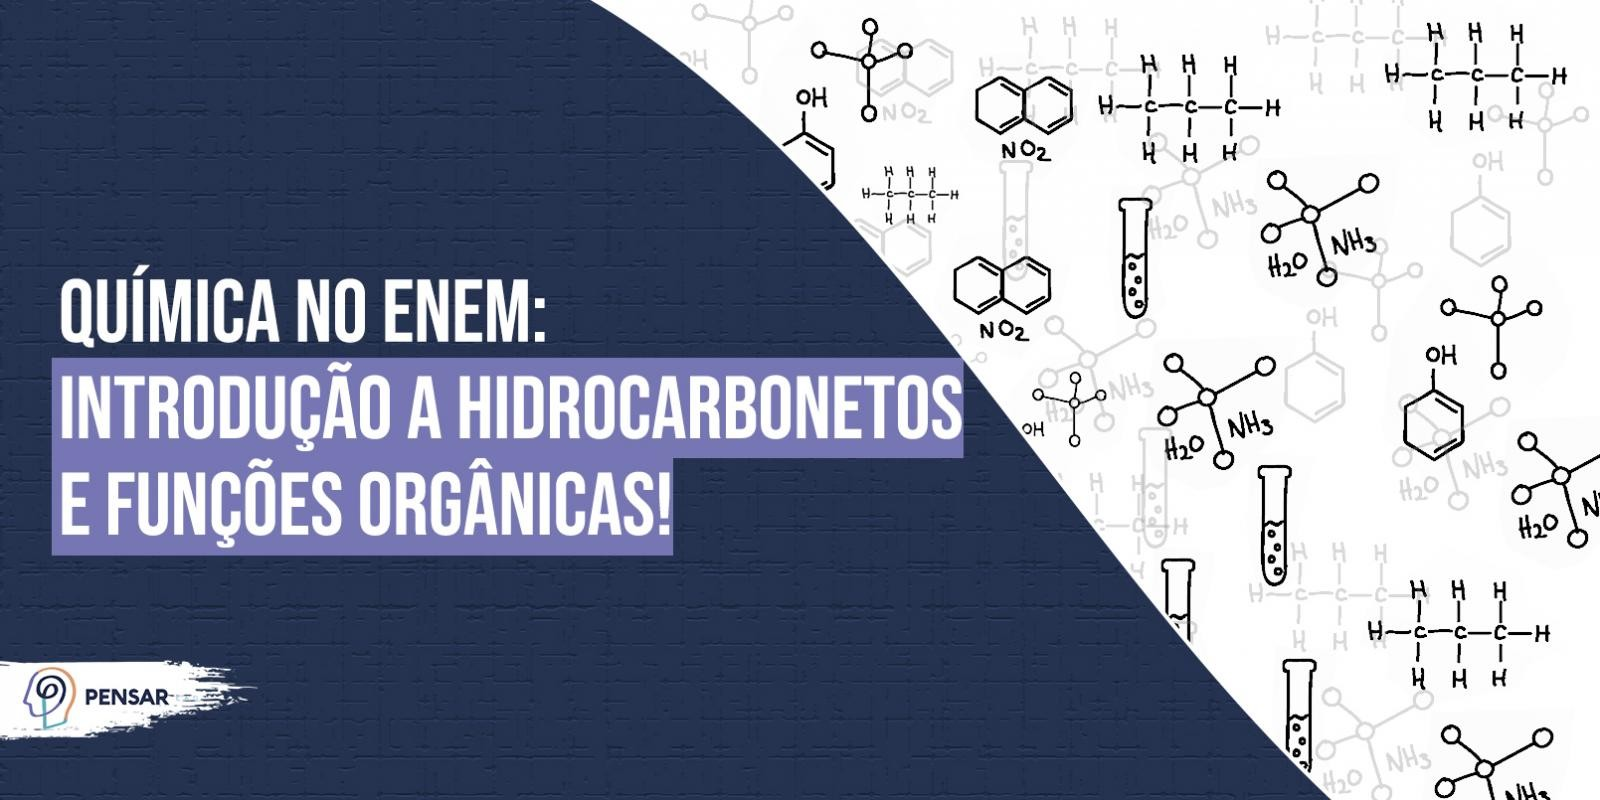 Química no ENEM: introdução a hidrocarbonetos e funções orgânicas!